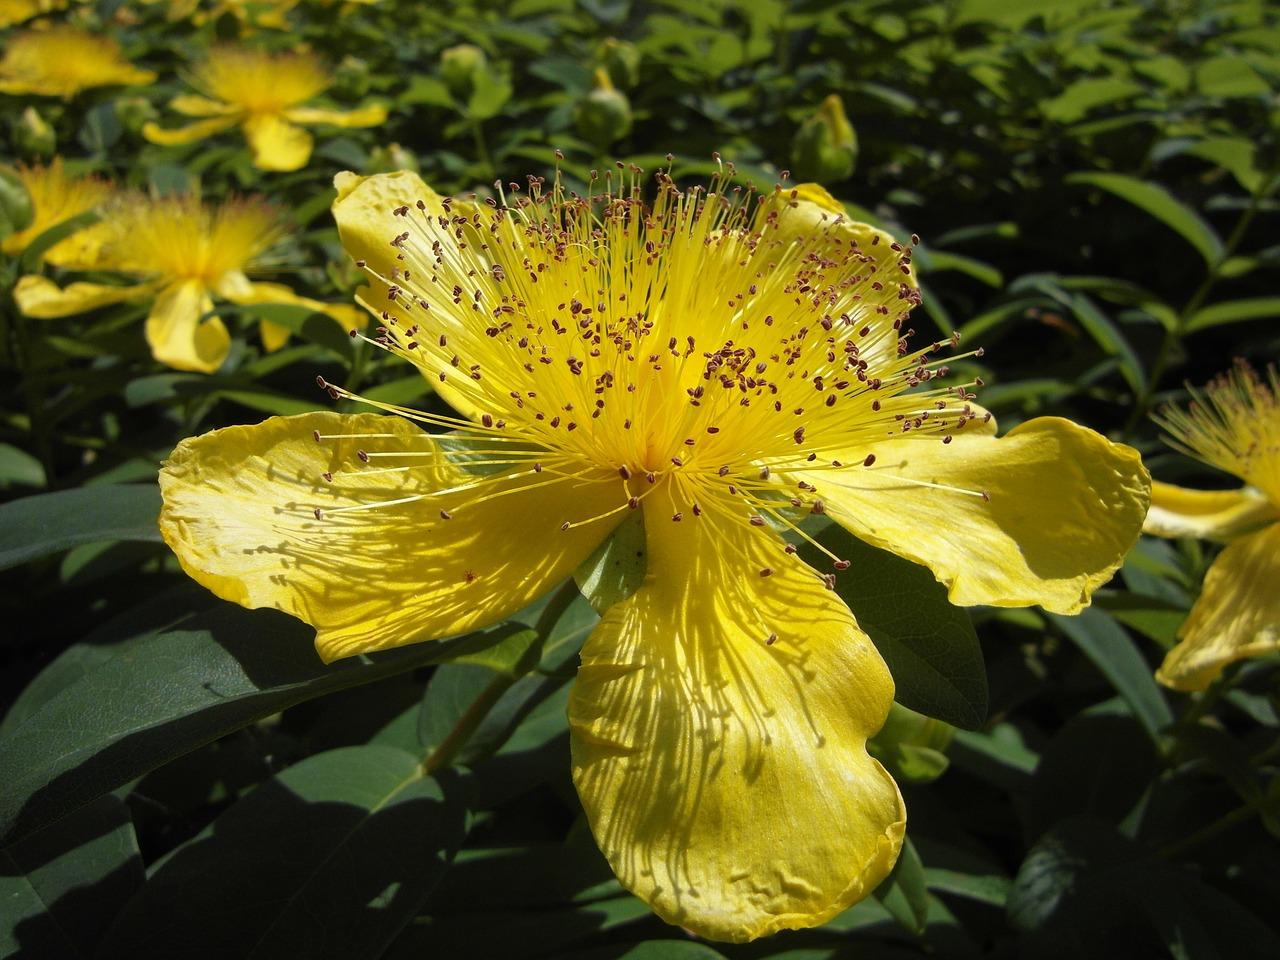 Large flower of St. John's Wort